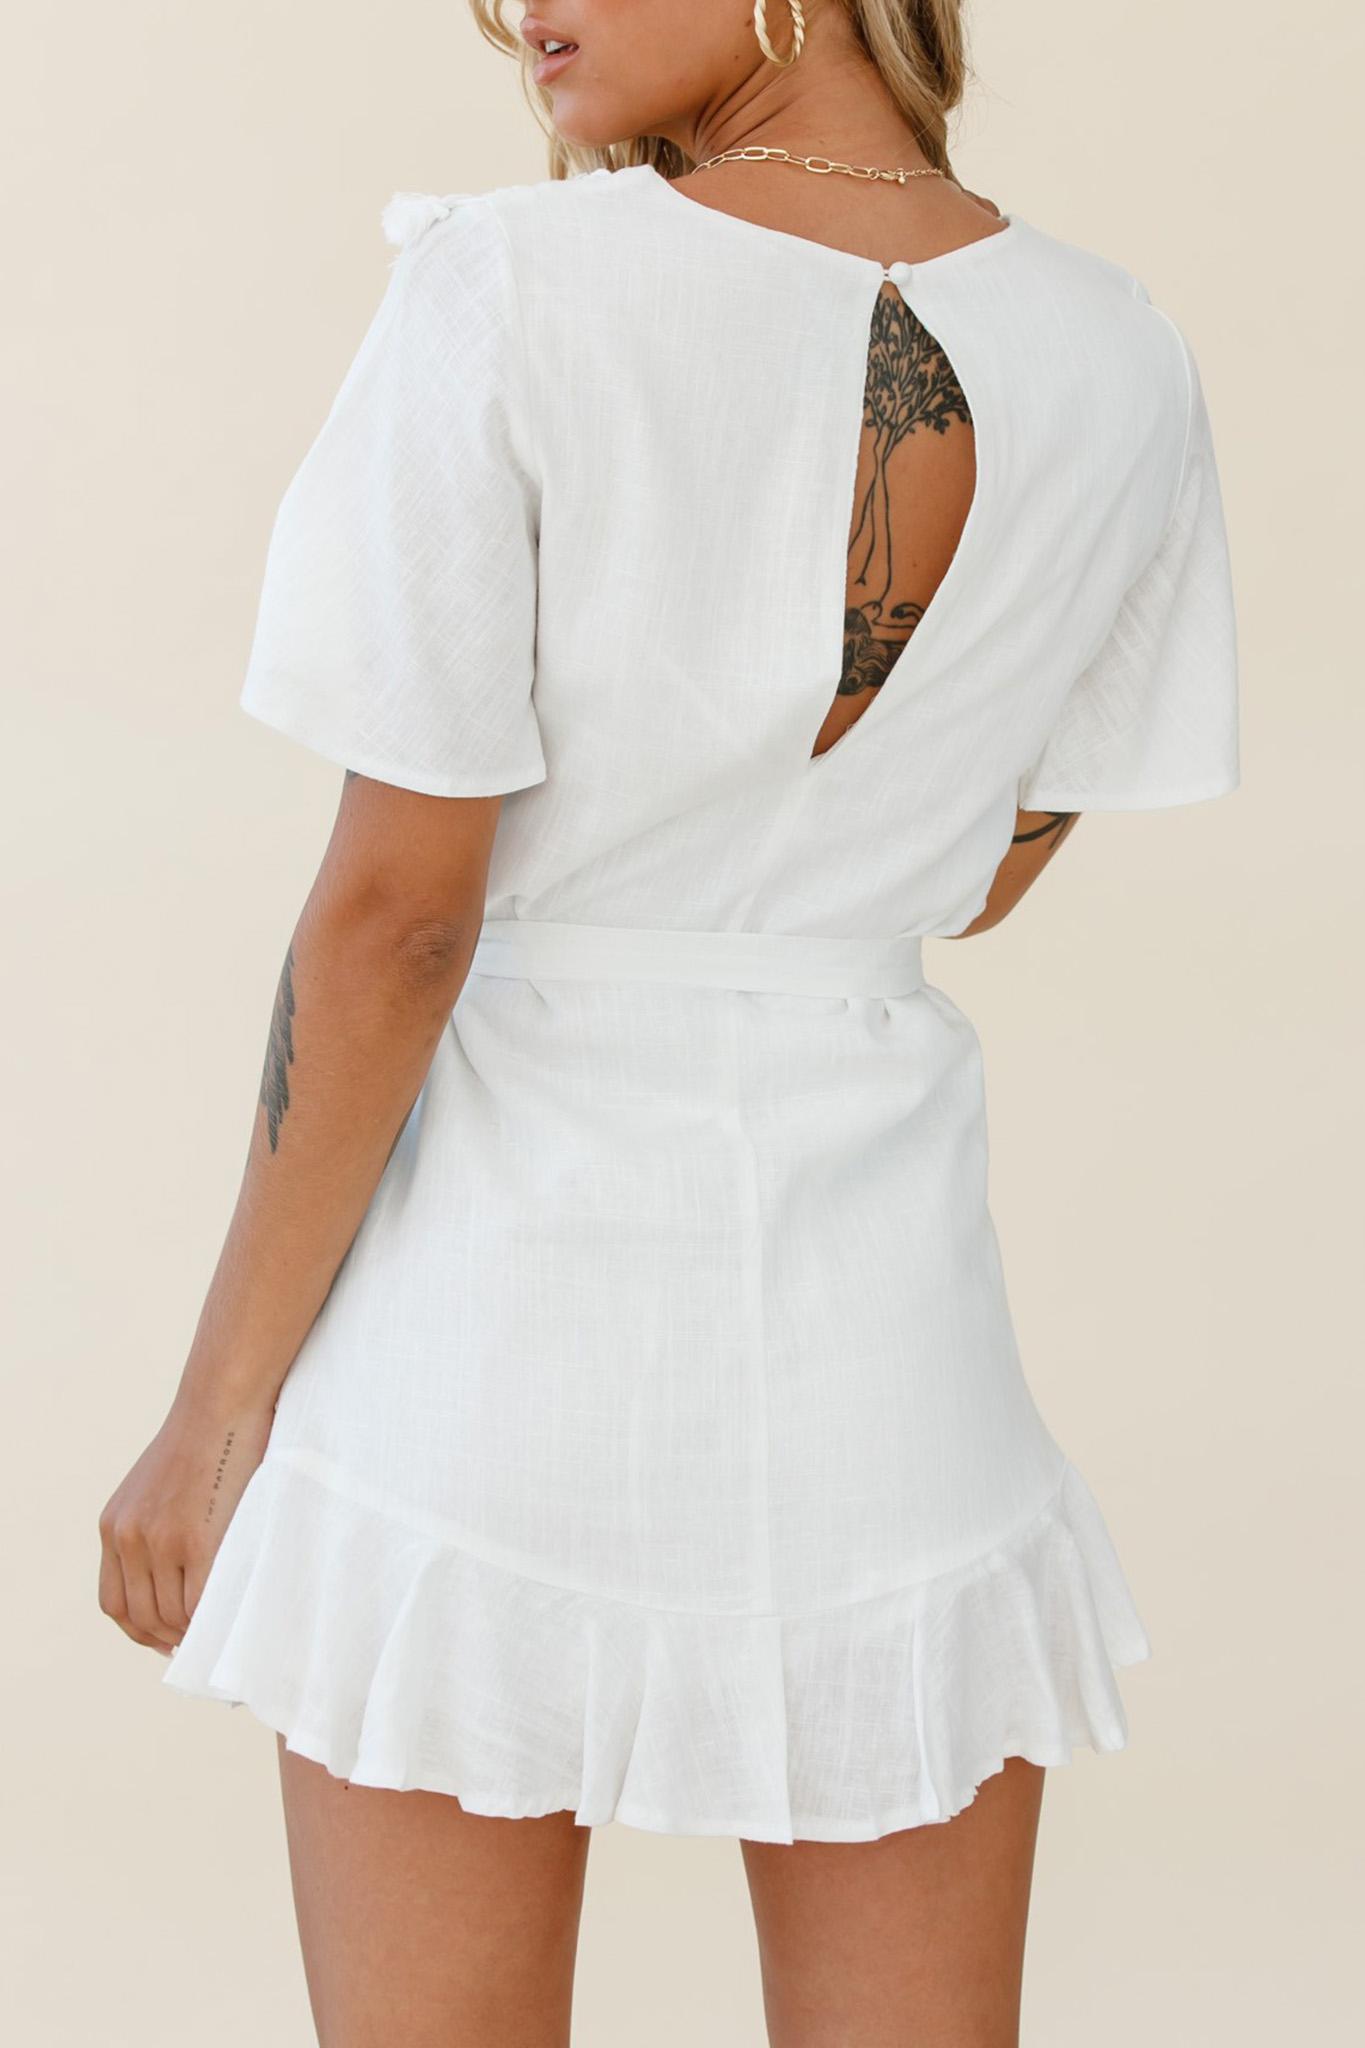 白色时尚休闲流苏装饰短袖绑腰优雅迷你裙 LC223895